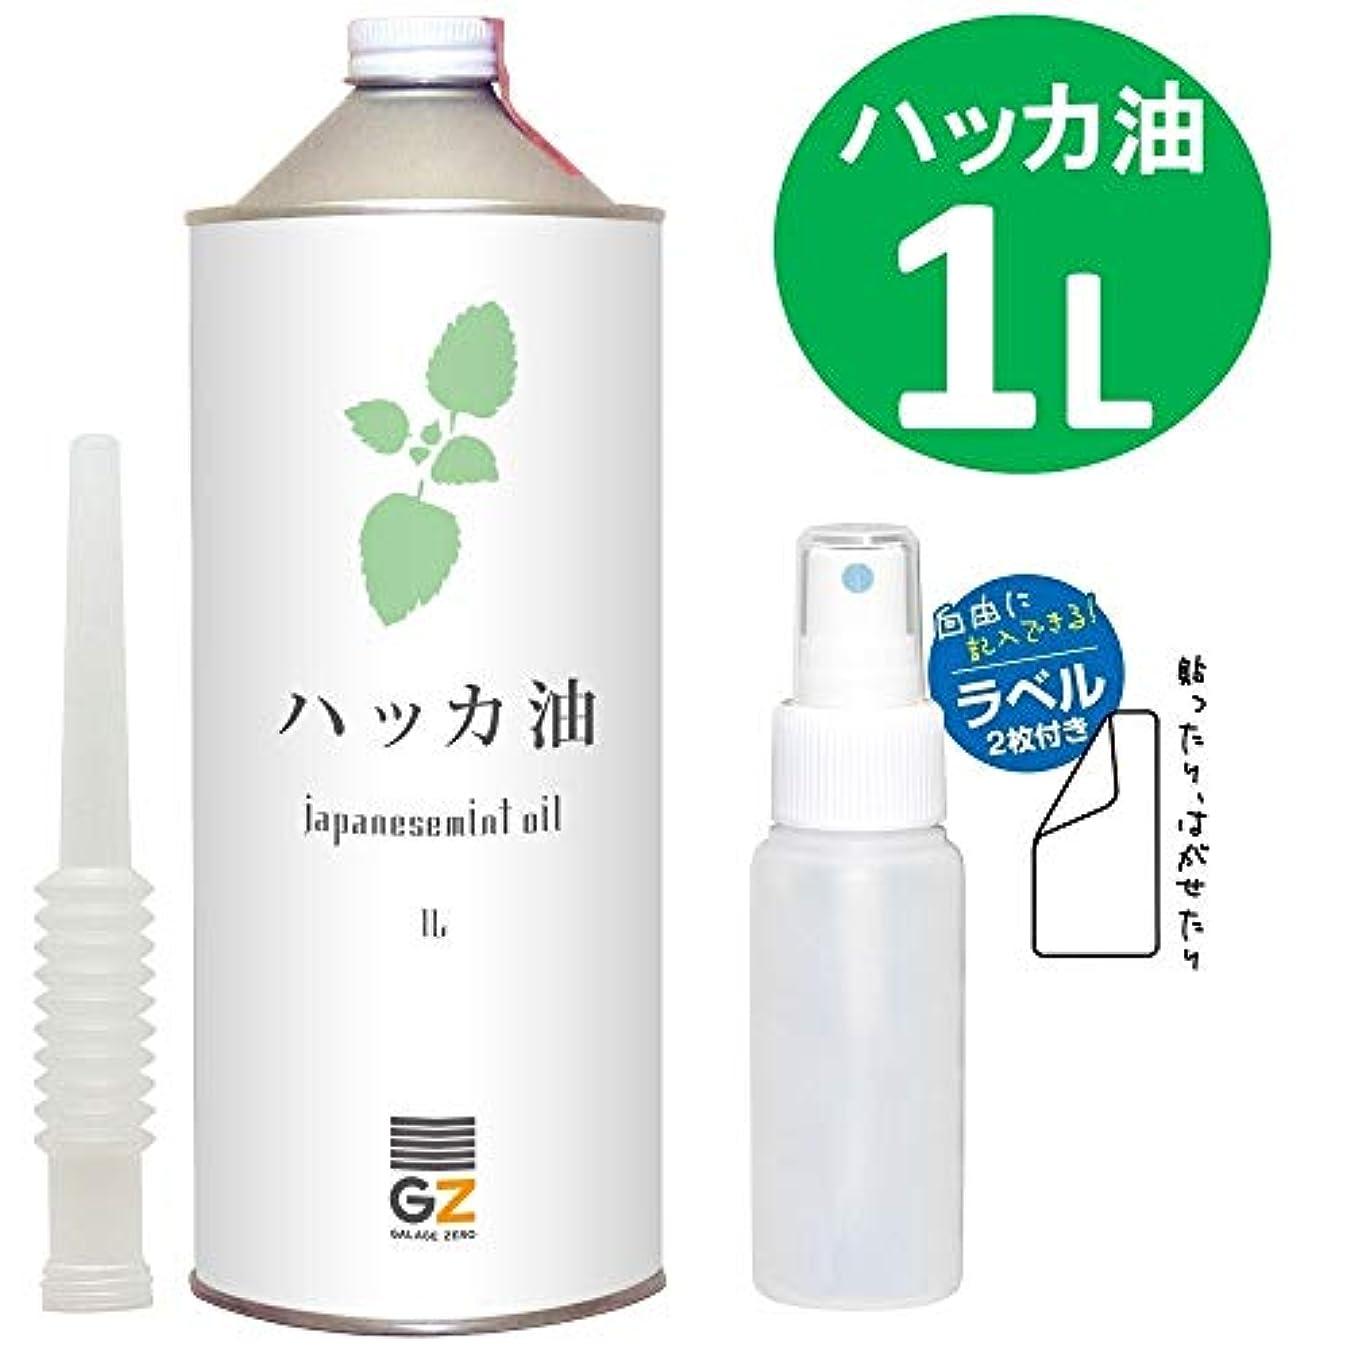 気づかない浸食耐えられるガレージ?ゼロ ハッカ油 1L(GZAK14)+50mlPEスプレーボトル/和種薄荷/ジャパニーズミント GSE531